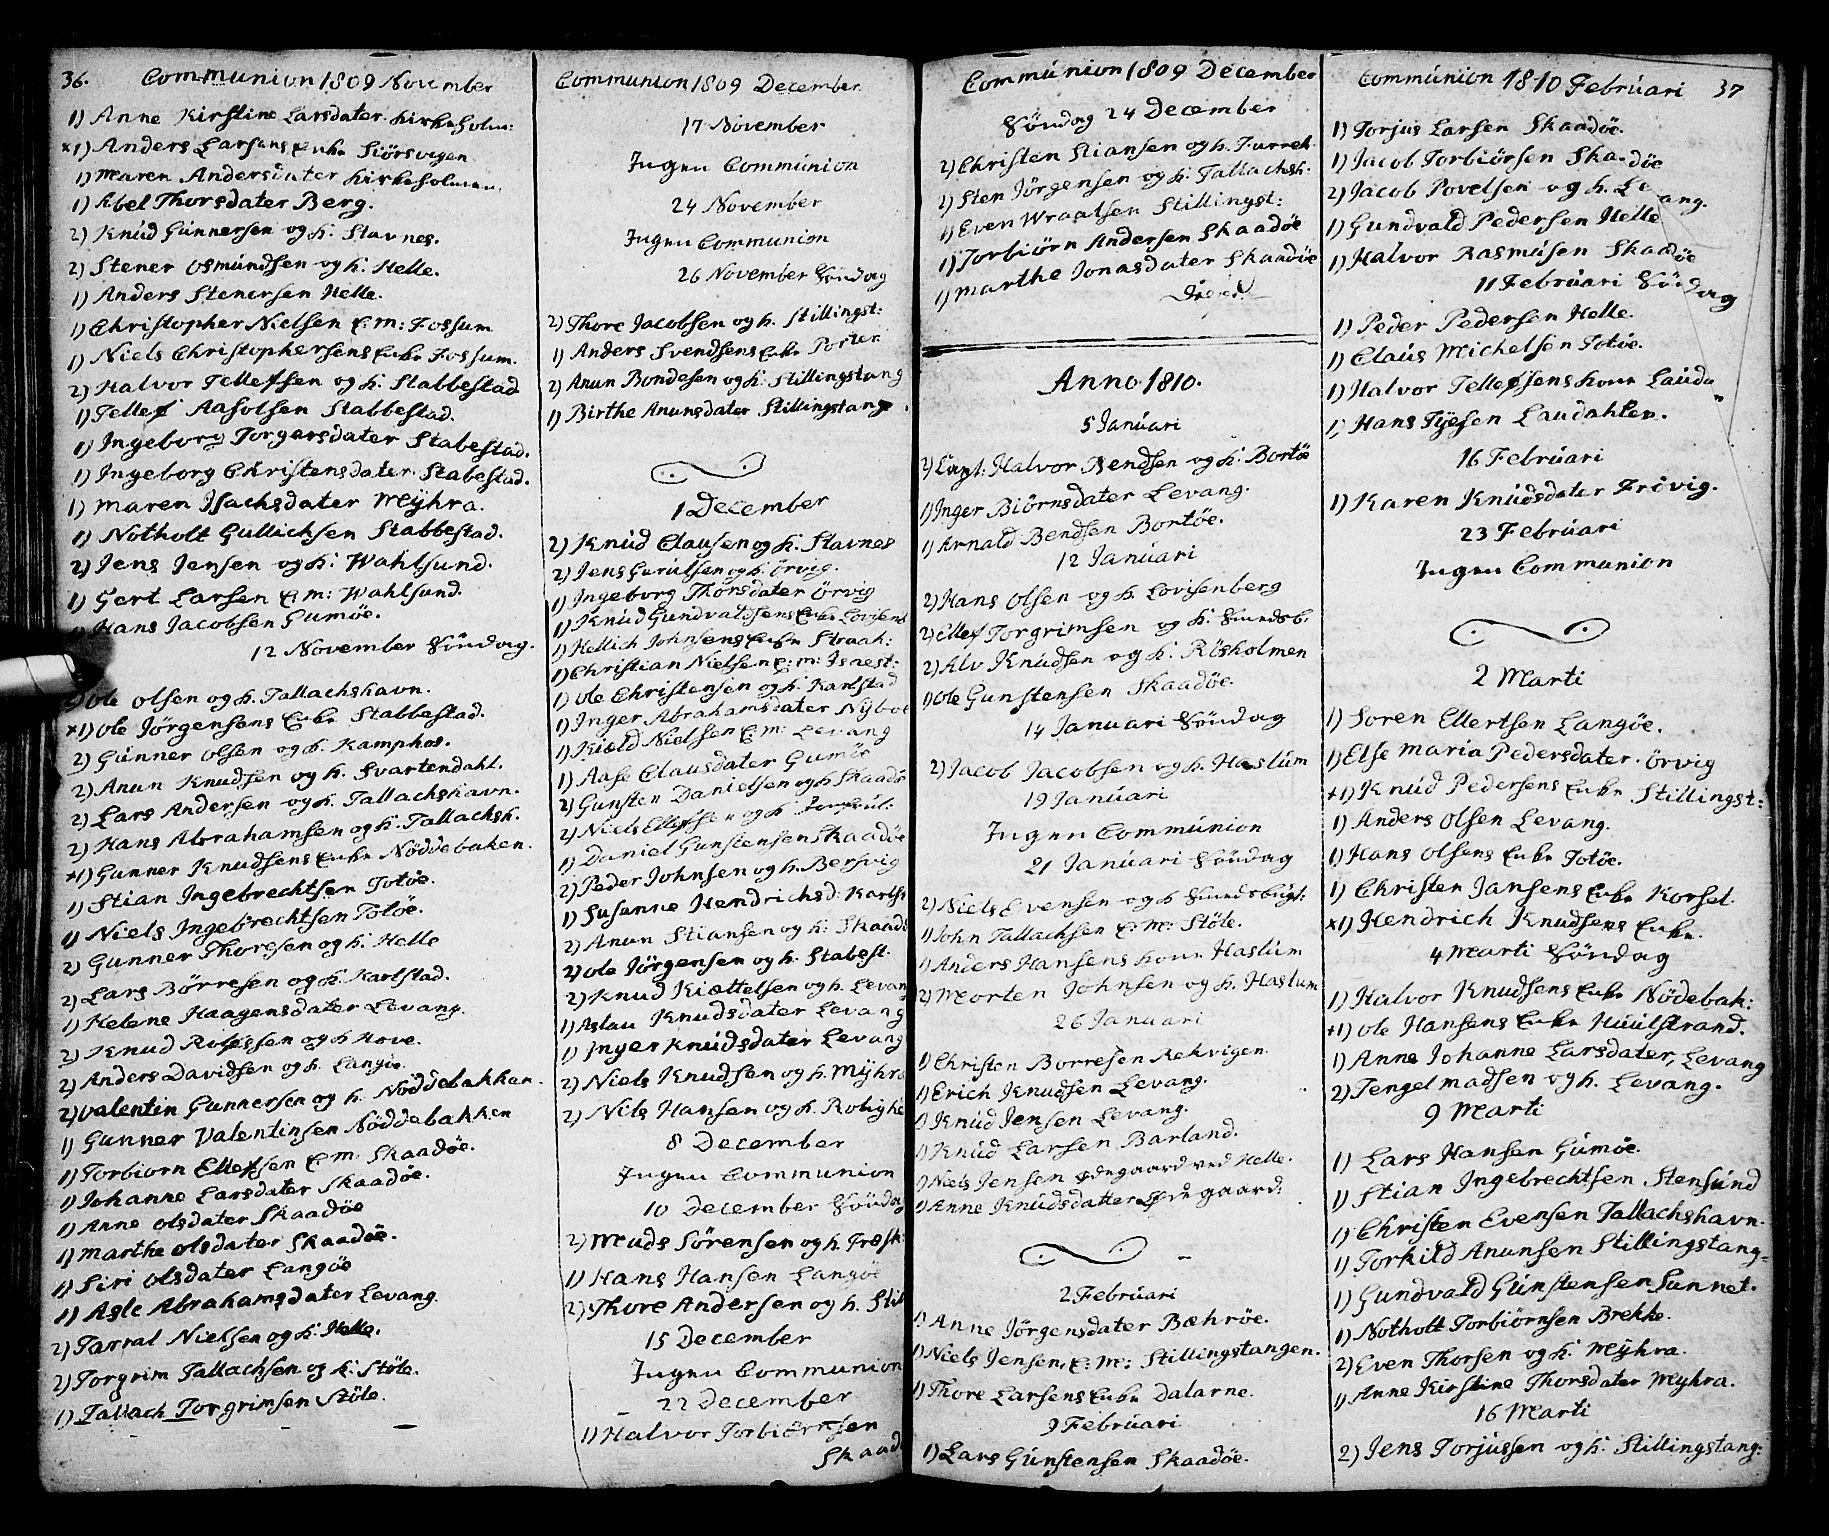 SAKO, Kragerø kirkebøker, G/Ga/L0001: Klokkerbok nr. 1 /2, 1806-1811, s. 36-37